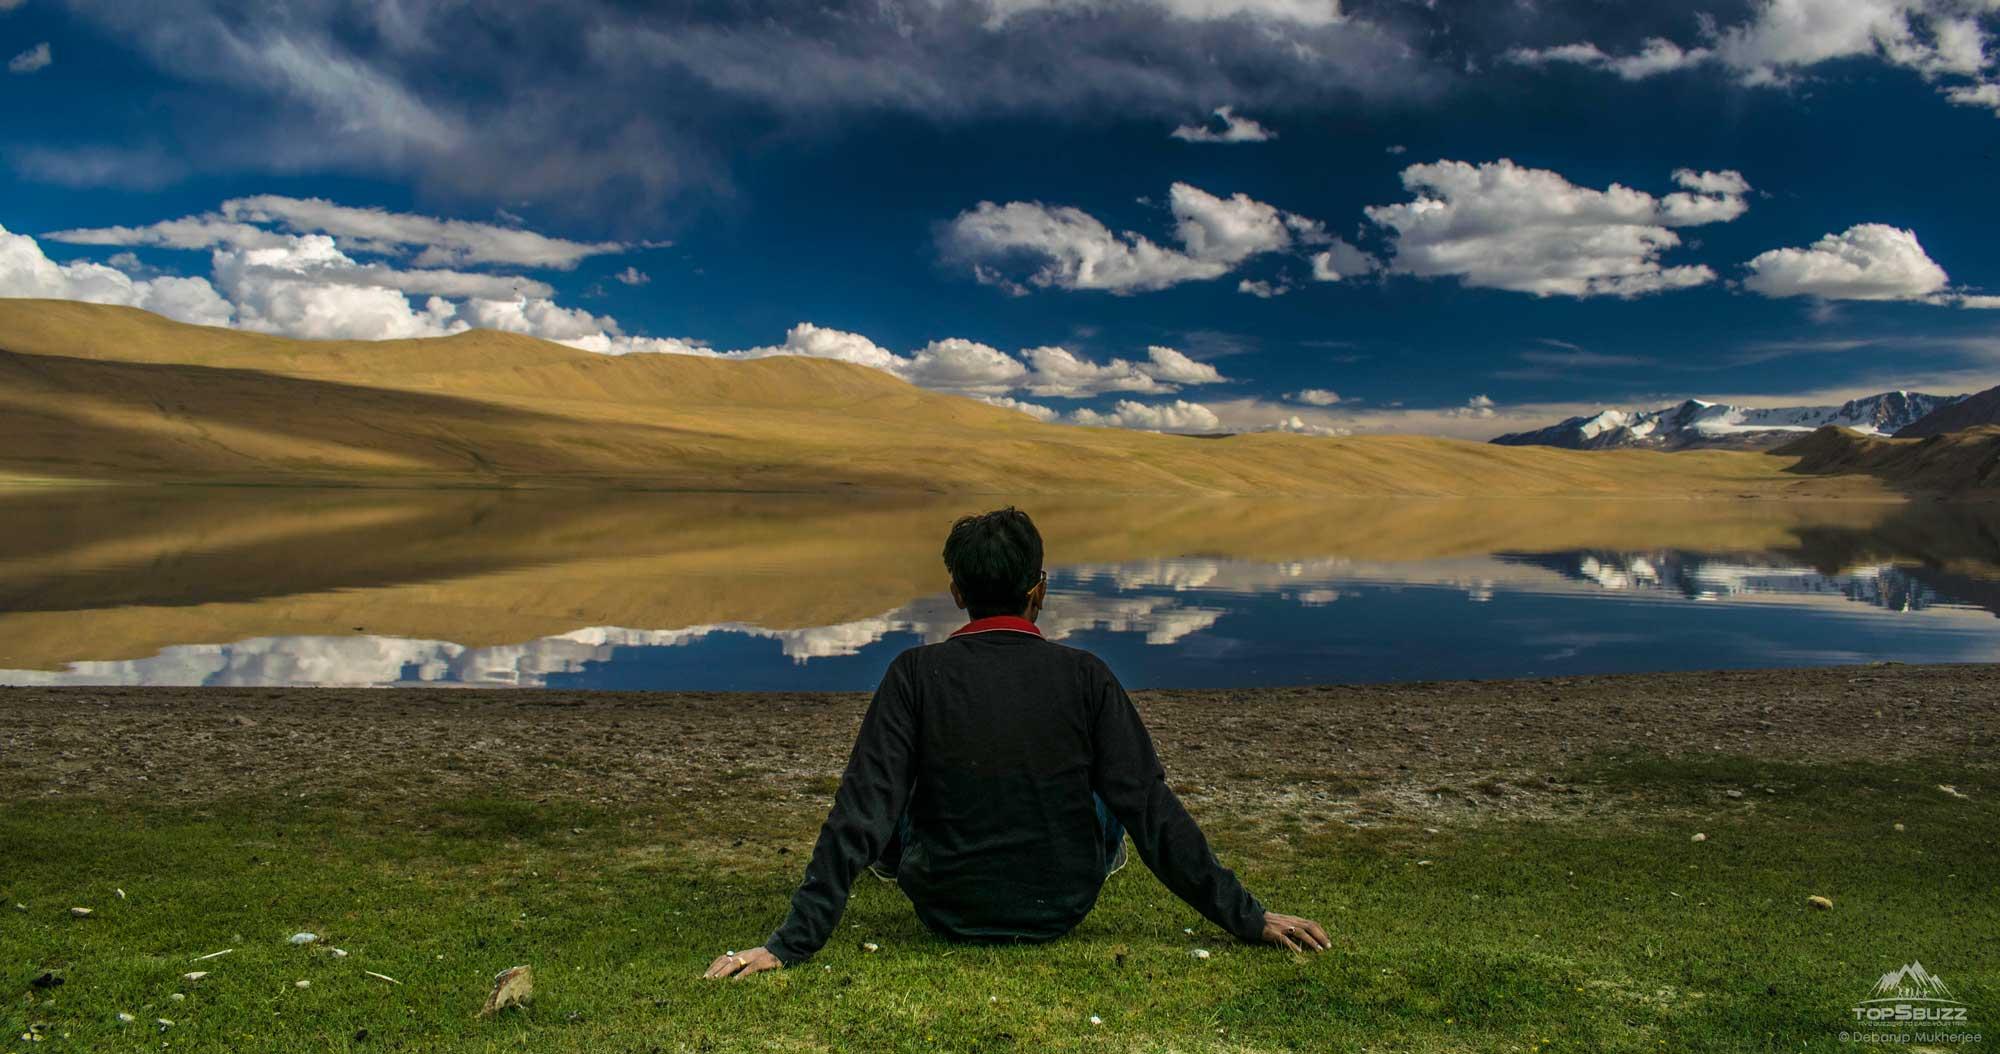 Ladakh Landscape Wallpaper